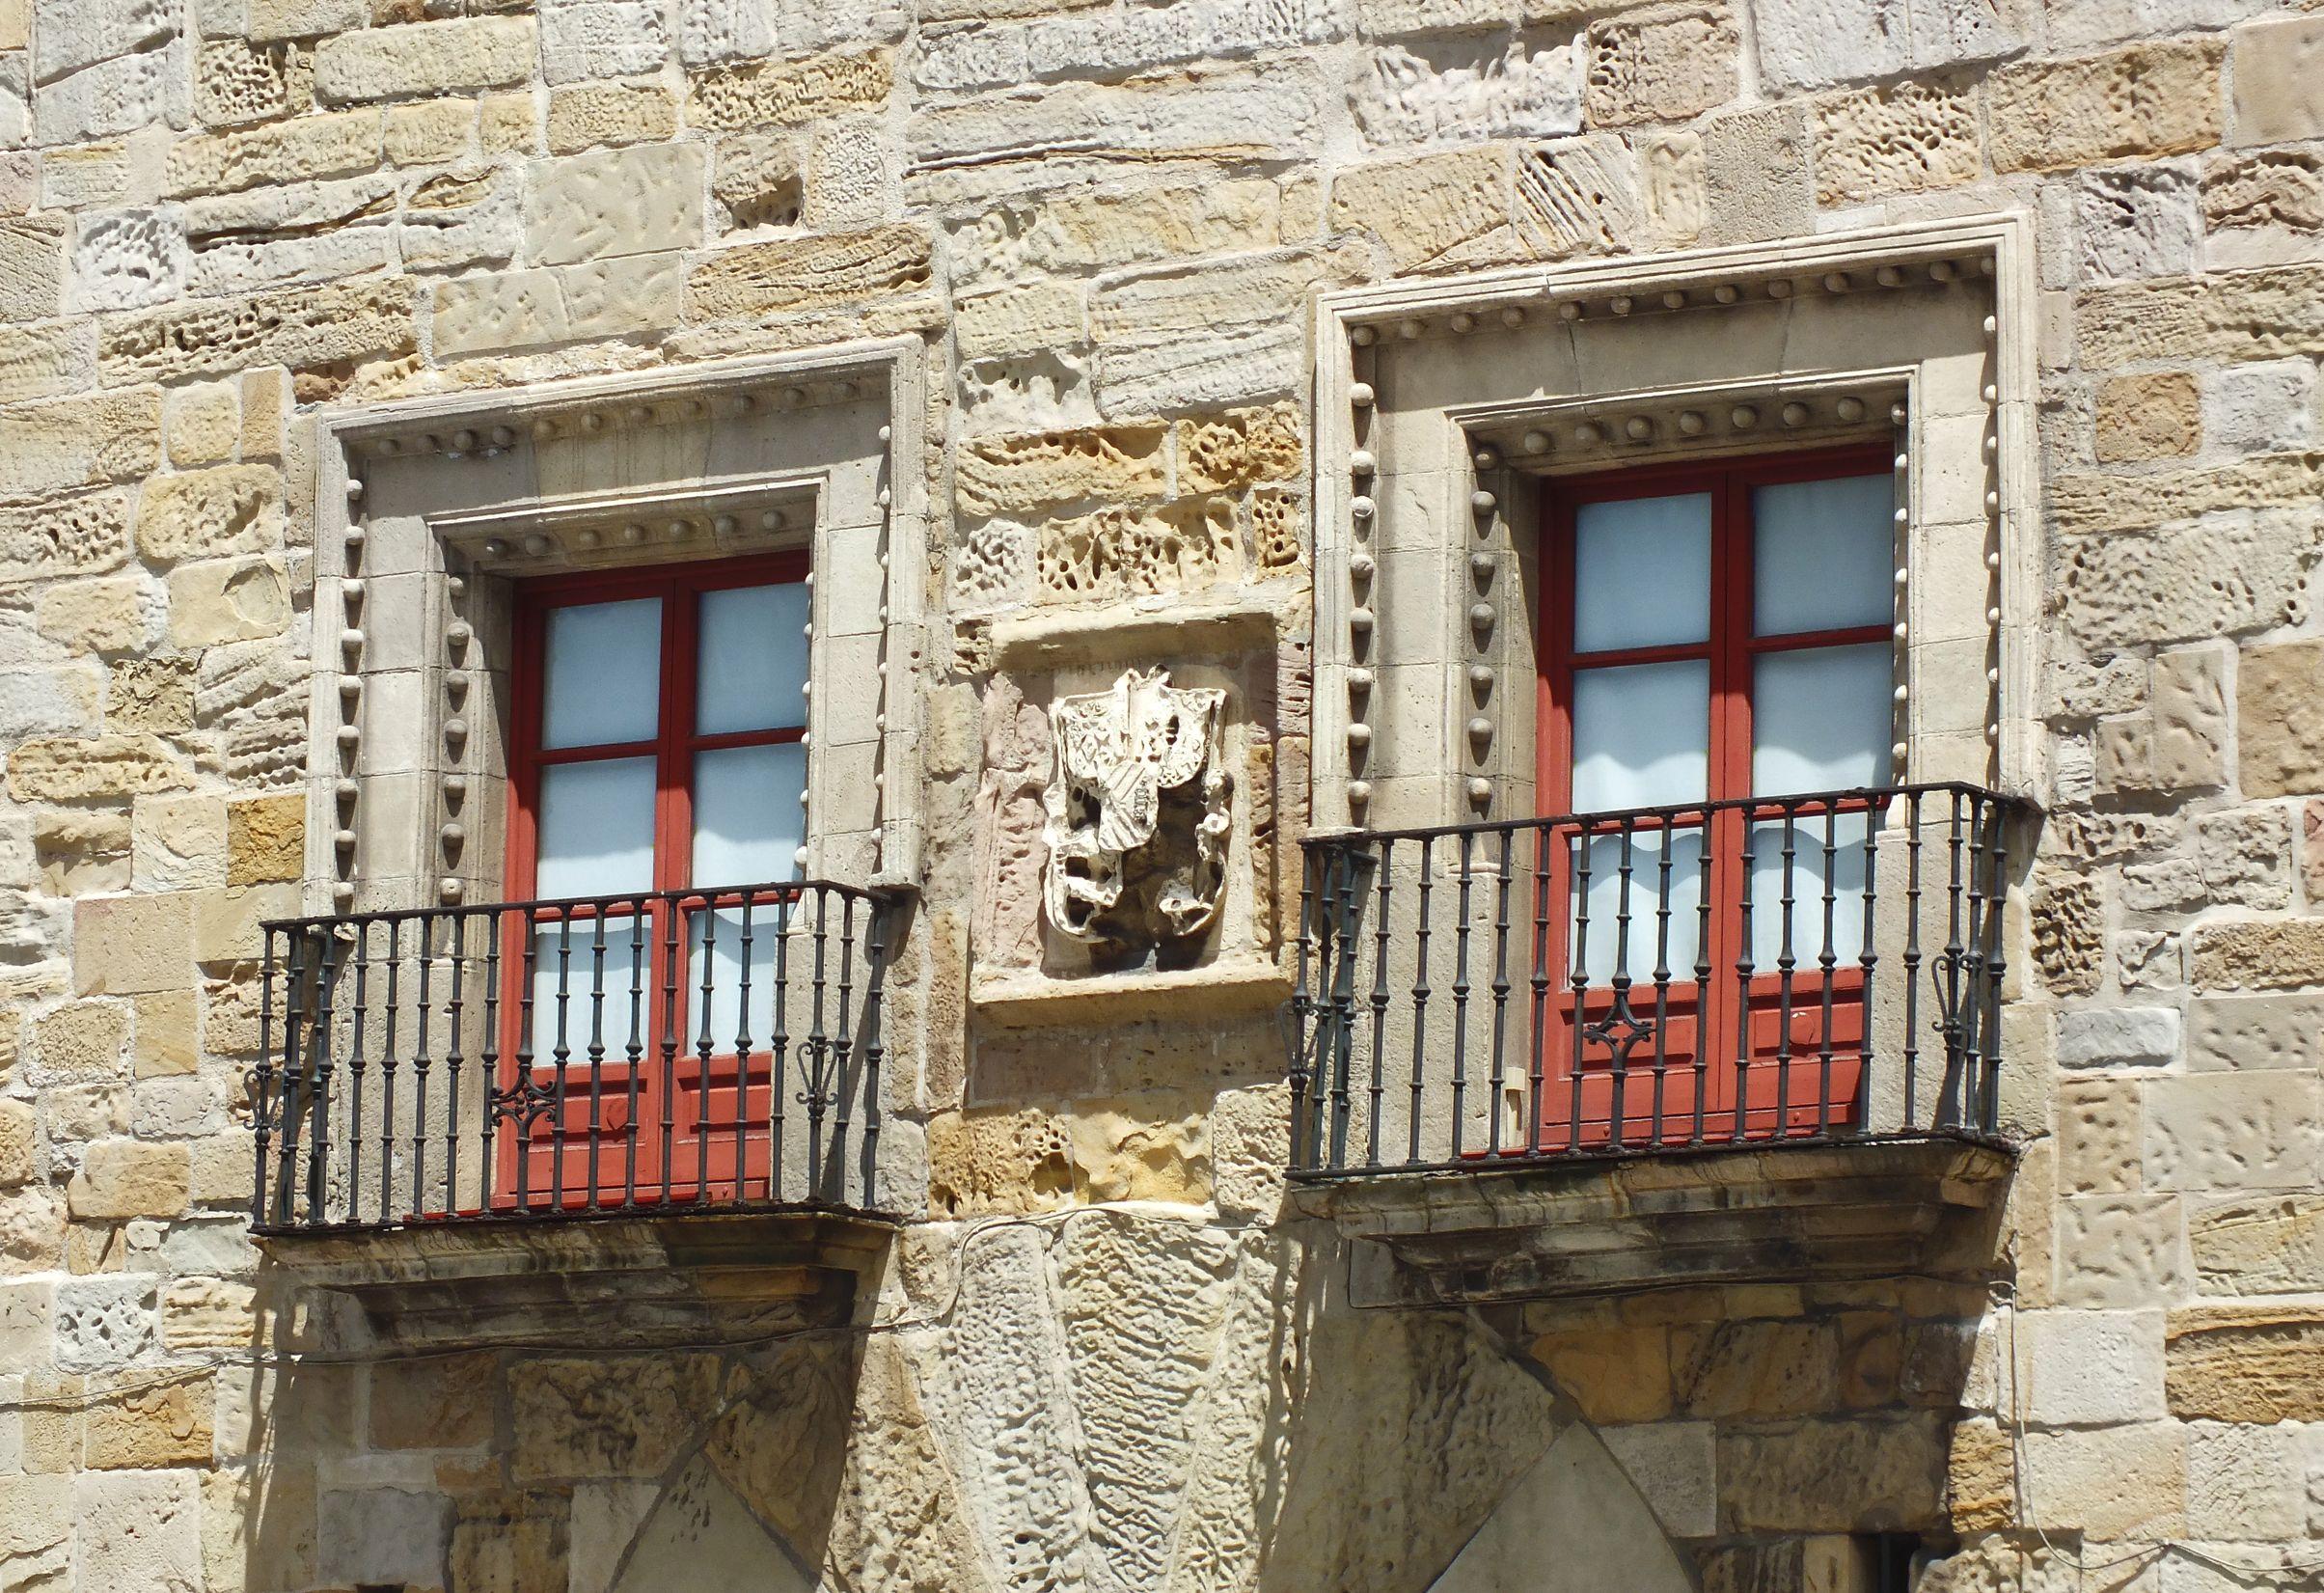 Blasón en la fachada del Palacio de Revillagigedo. Gijón. Concejo de Gijón. Principado de Asturias. Spain. [By Valentin Enrique].